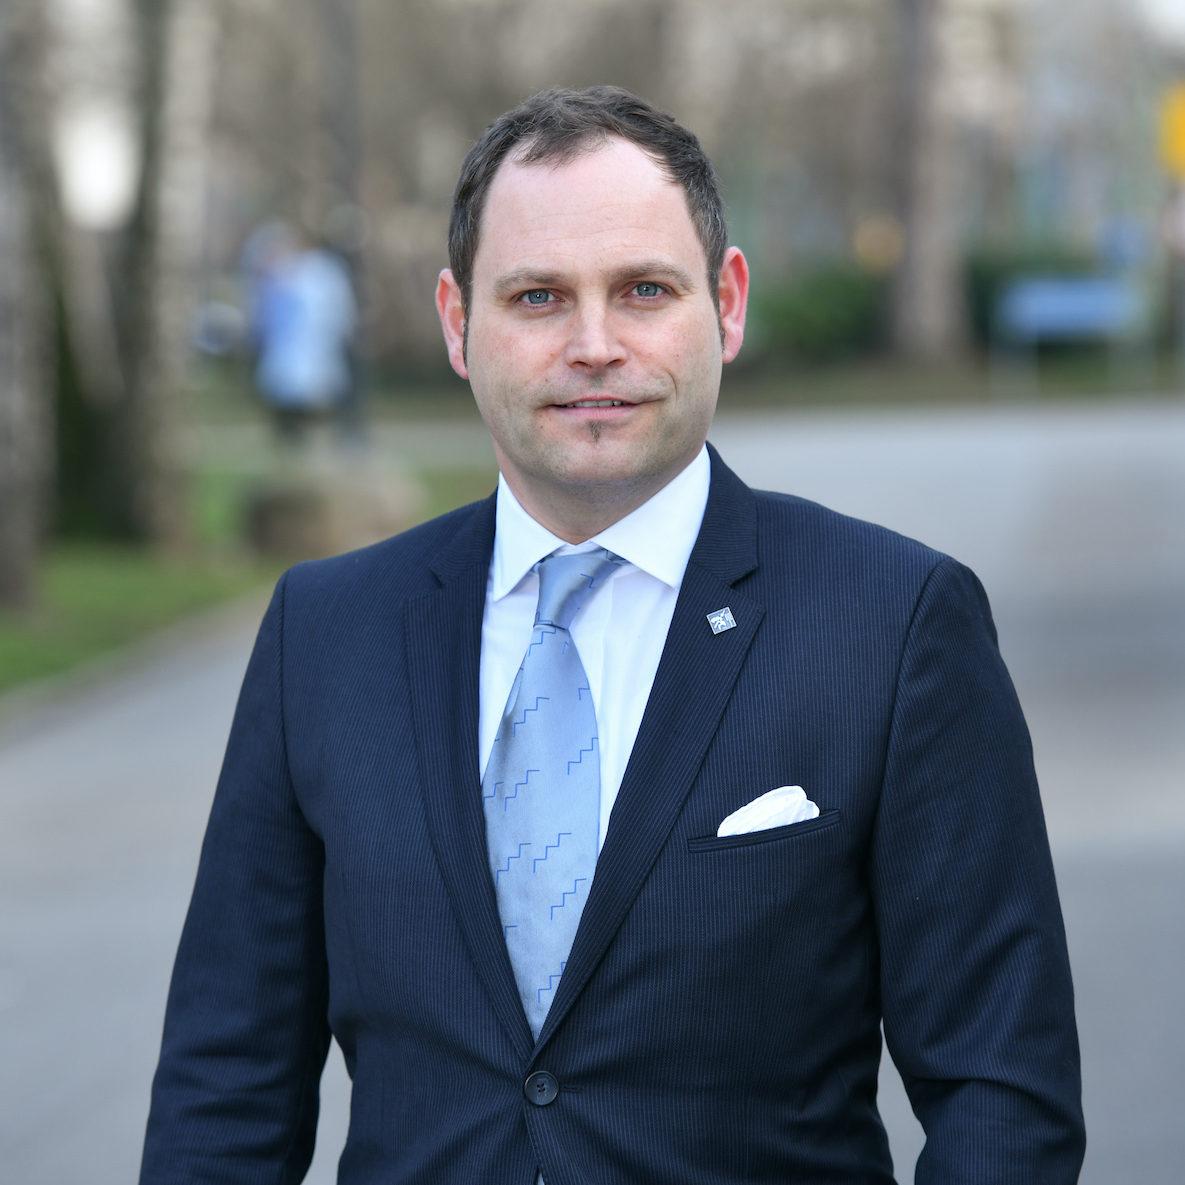 Lukas Bertschmann